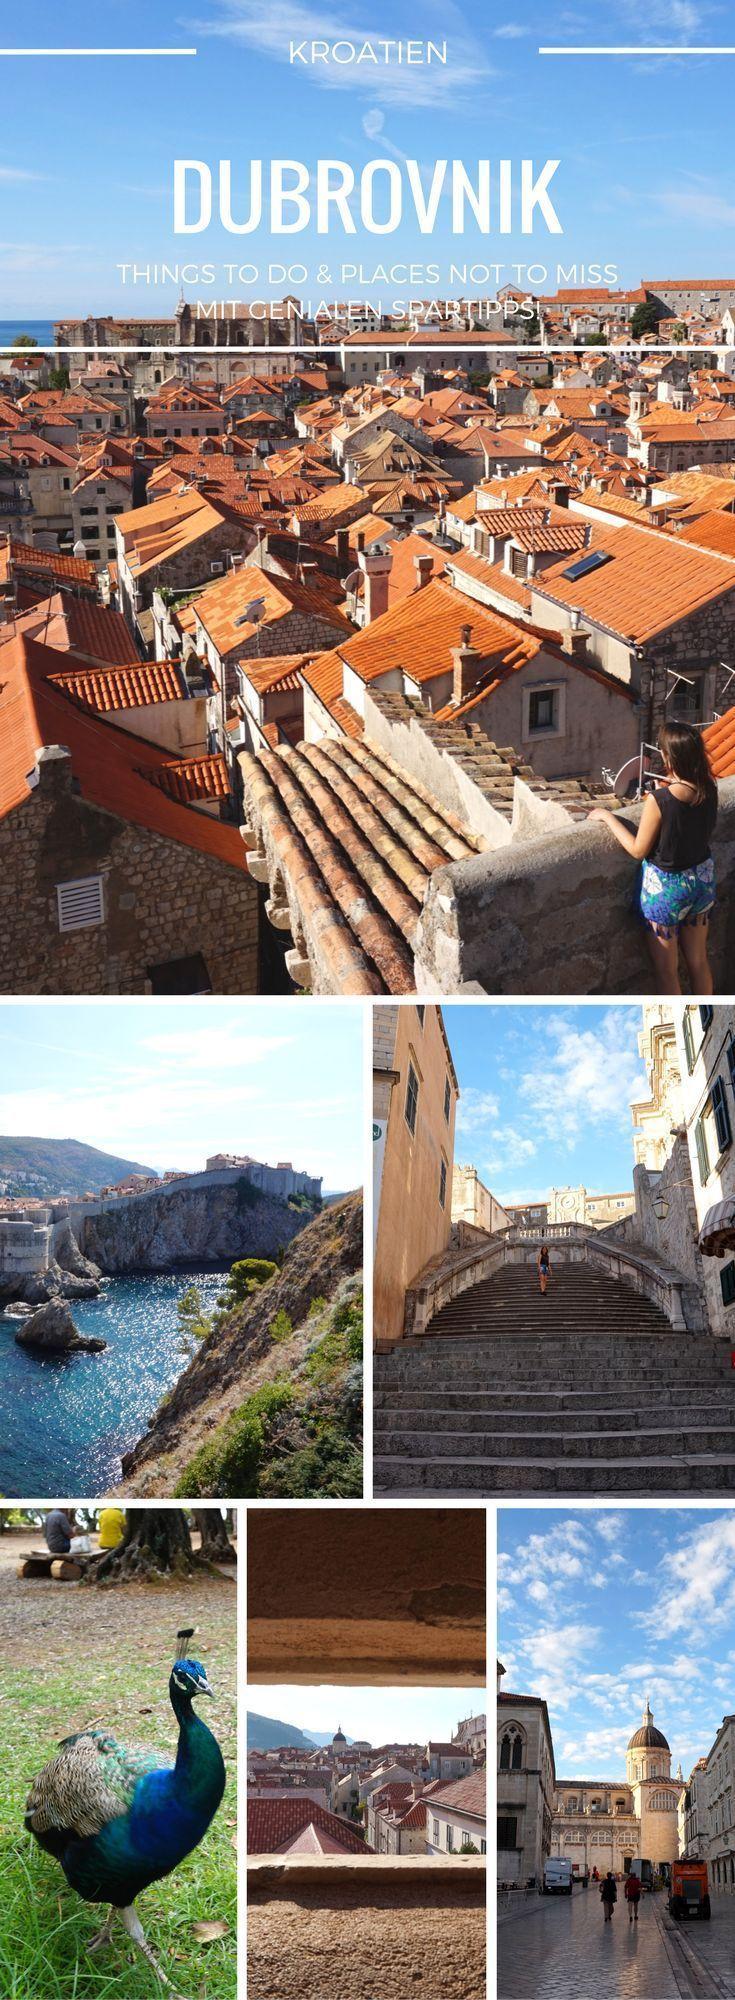 Dubrovnik Reisebericht – Sehenswürdigkeiten und Tricks die Massen zu vermeiden – Stephanie